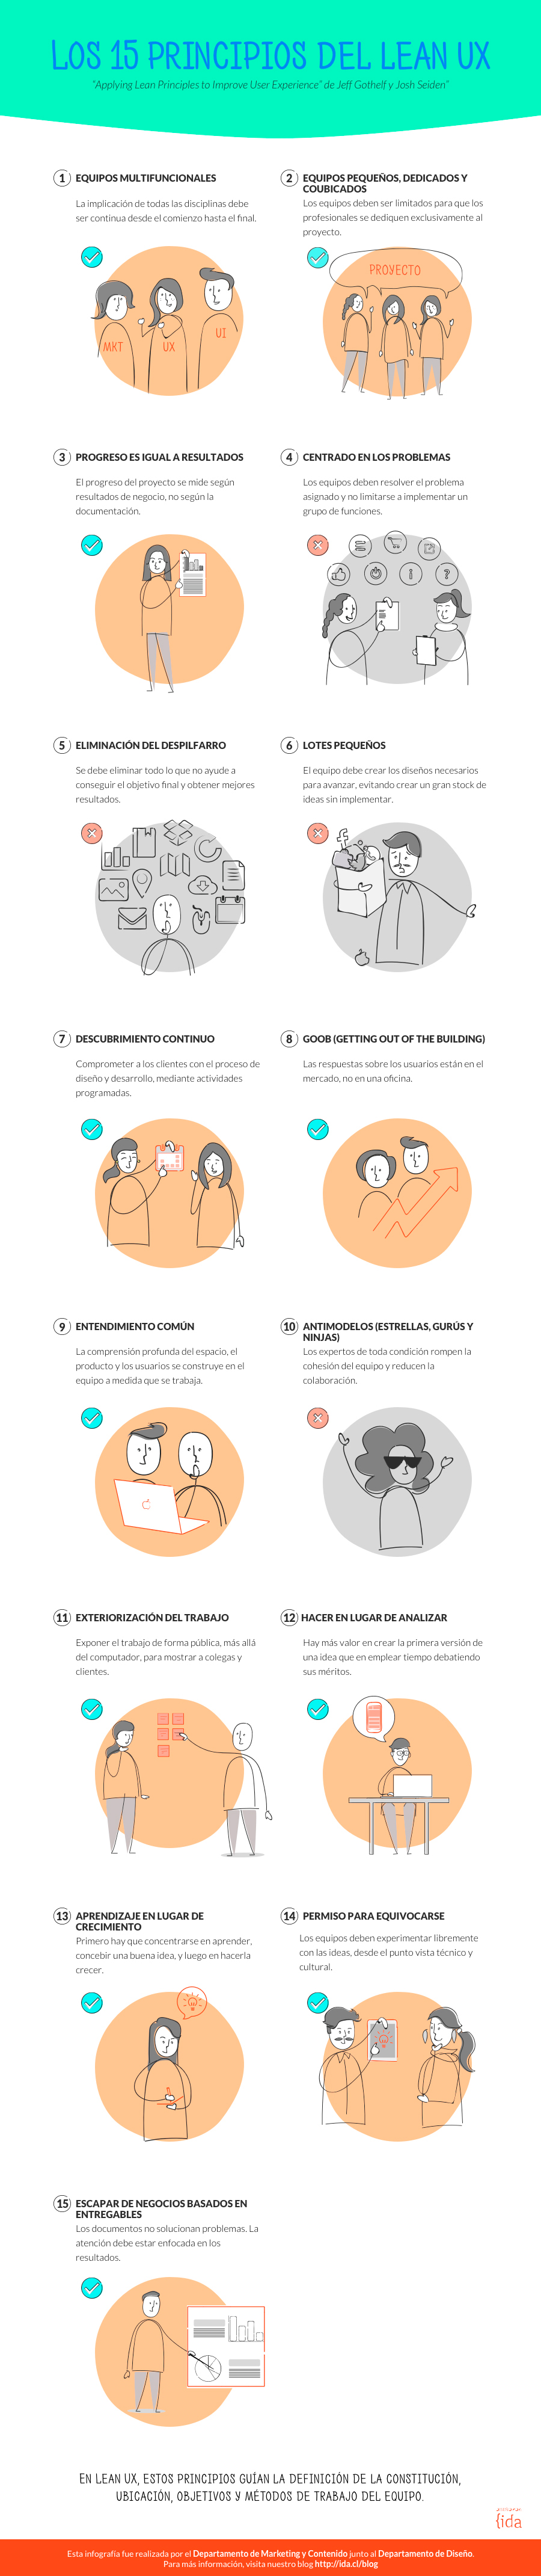 Infografía sobre los principios del lean ux